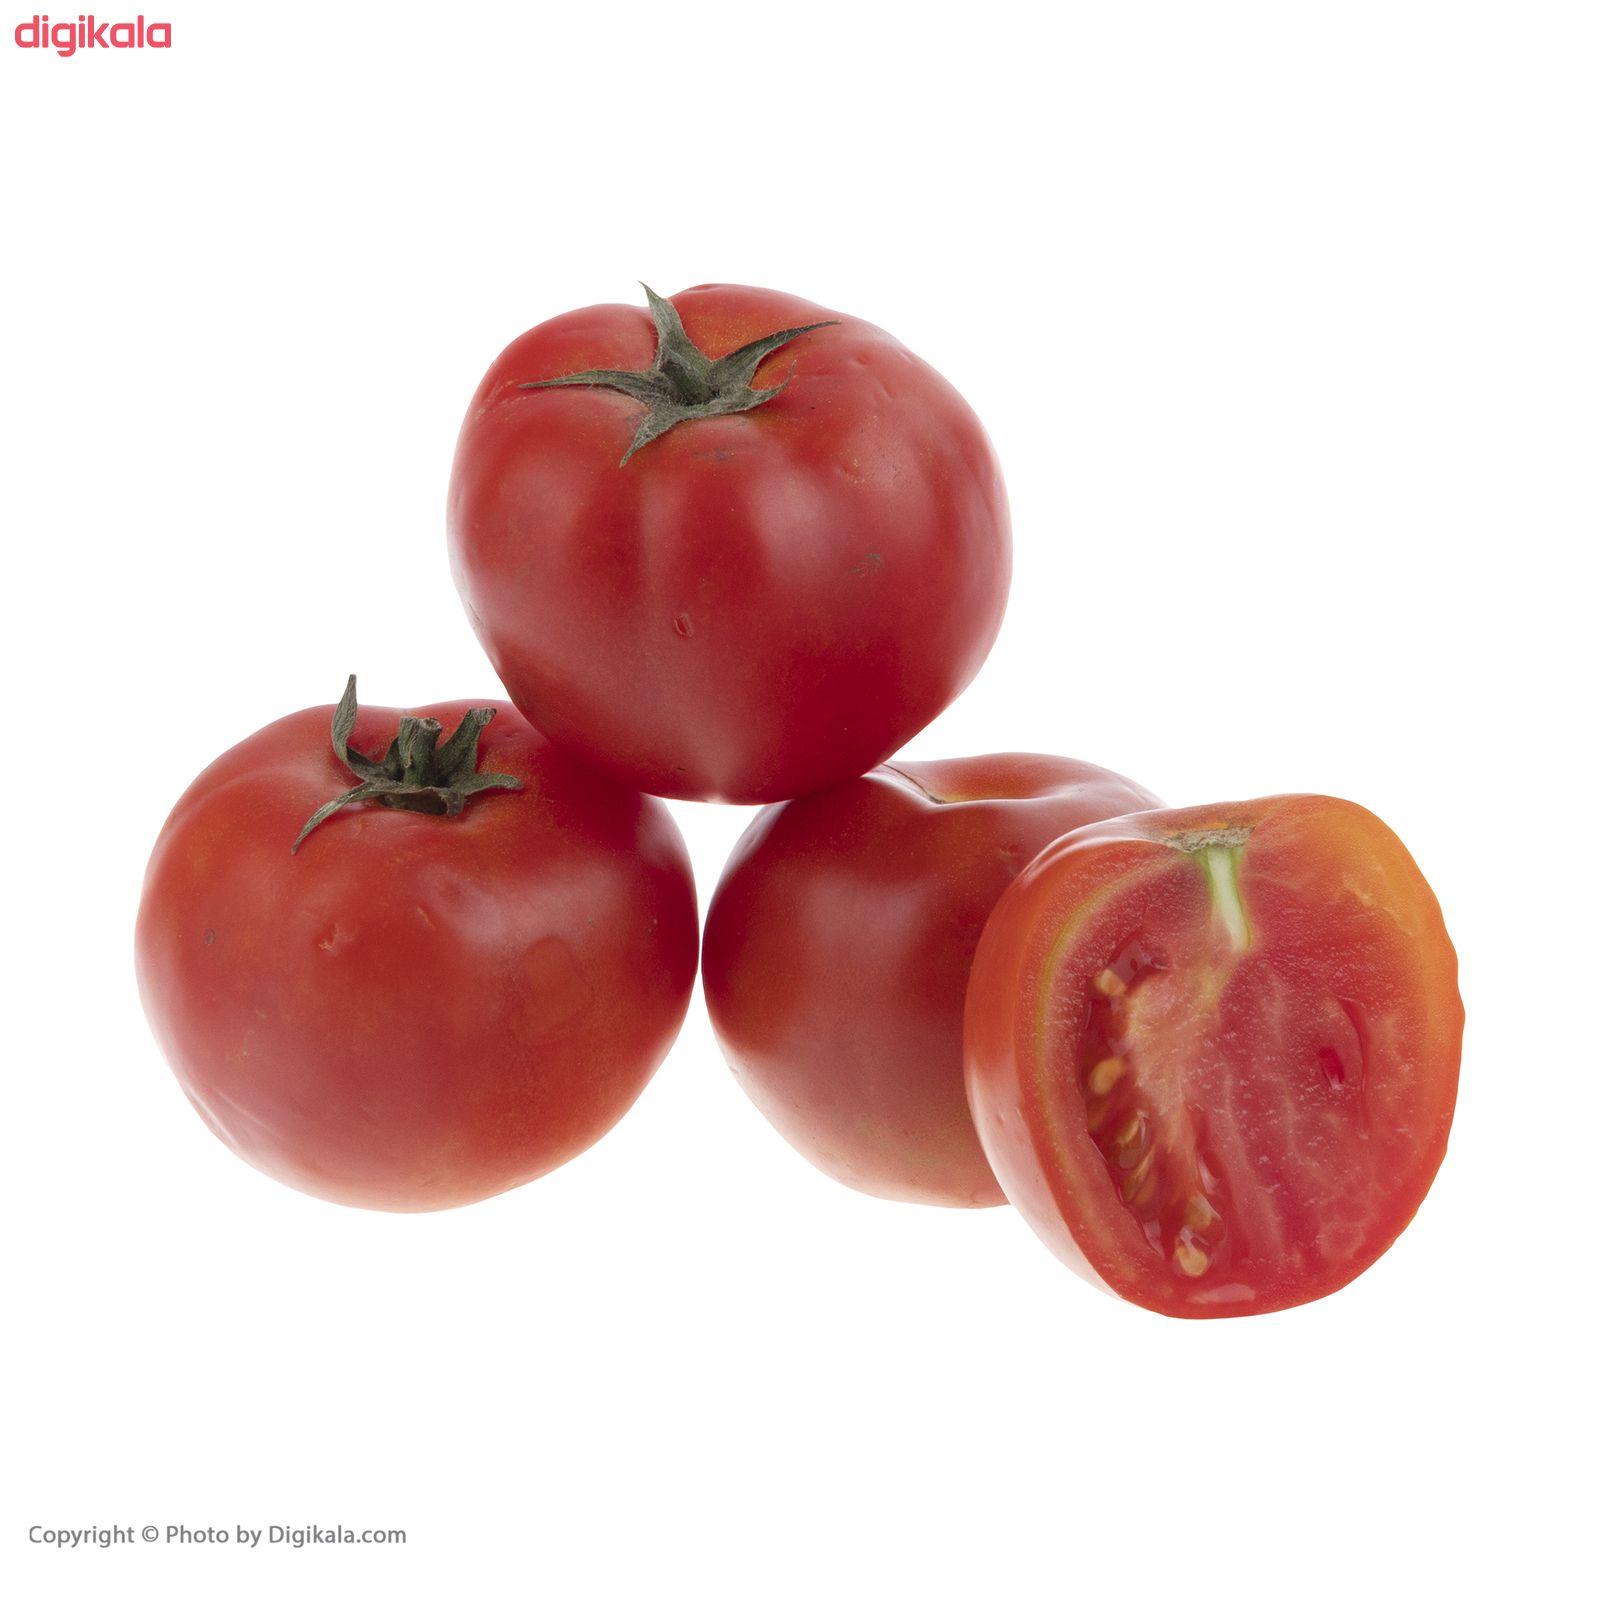 گوجه فرنگی بوته ای متین بلوط - 1 کیلوگرم  main 1 4